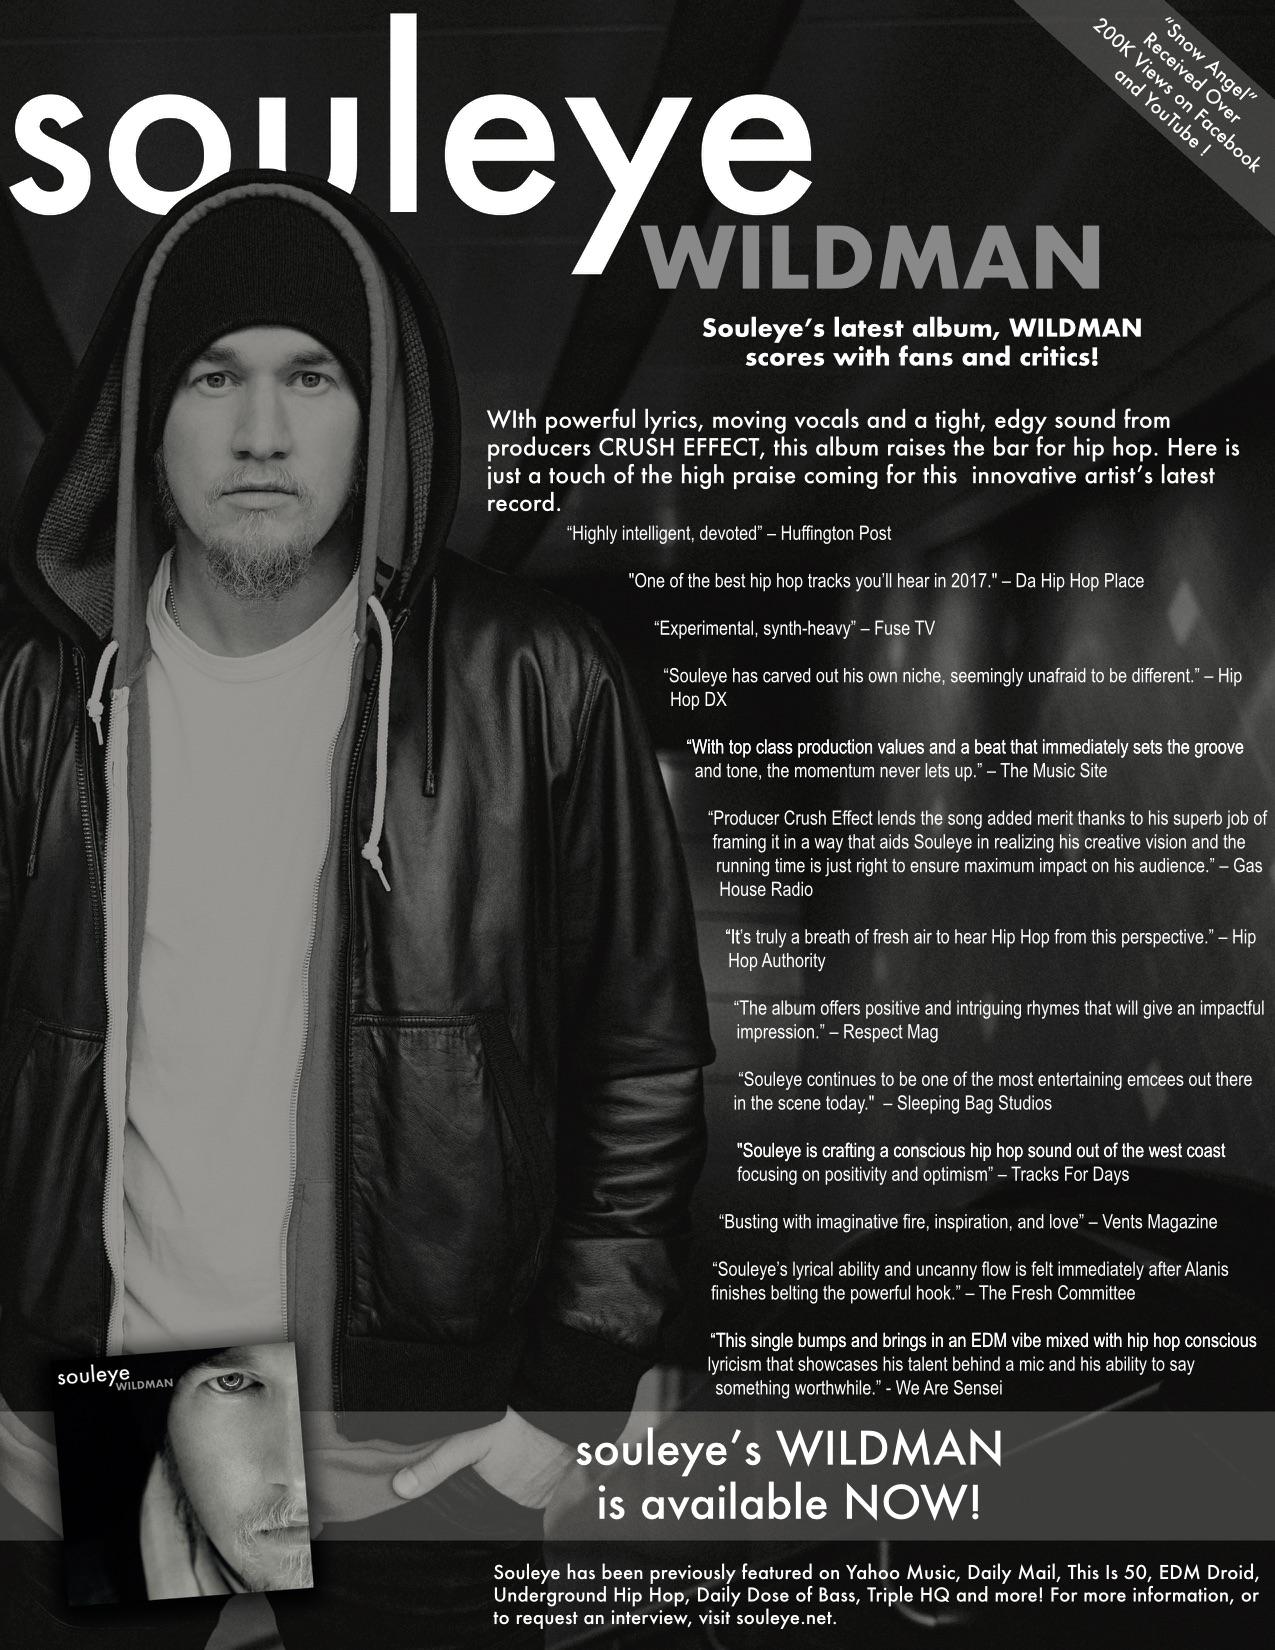 Souleye WIldman 1sheet_FINAL 2.jpg